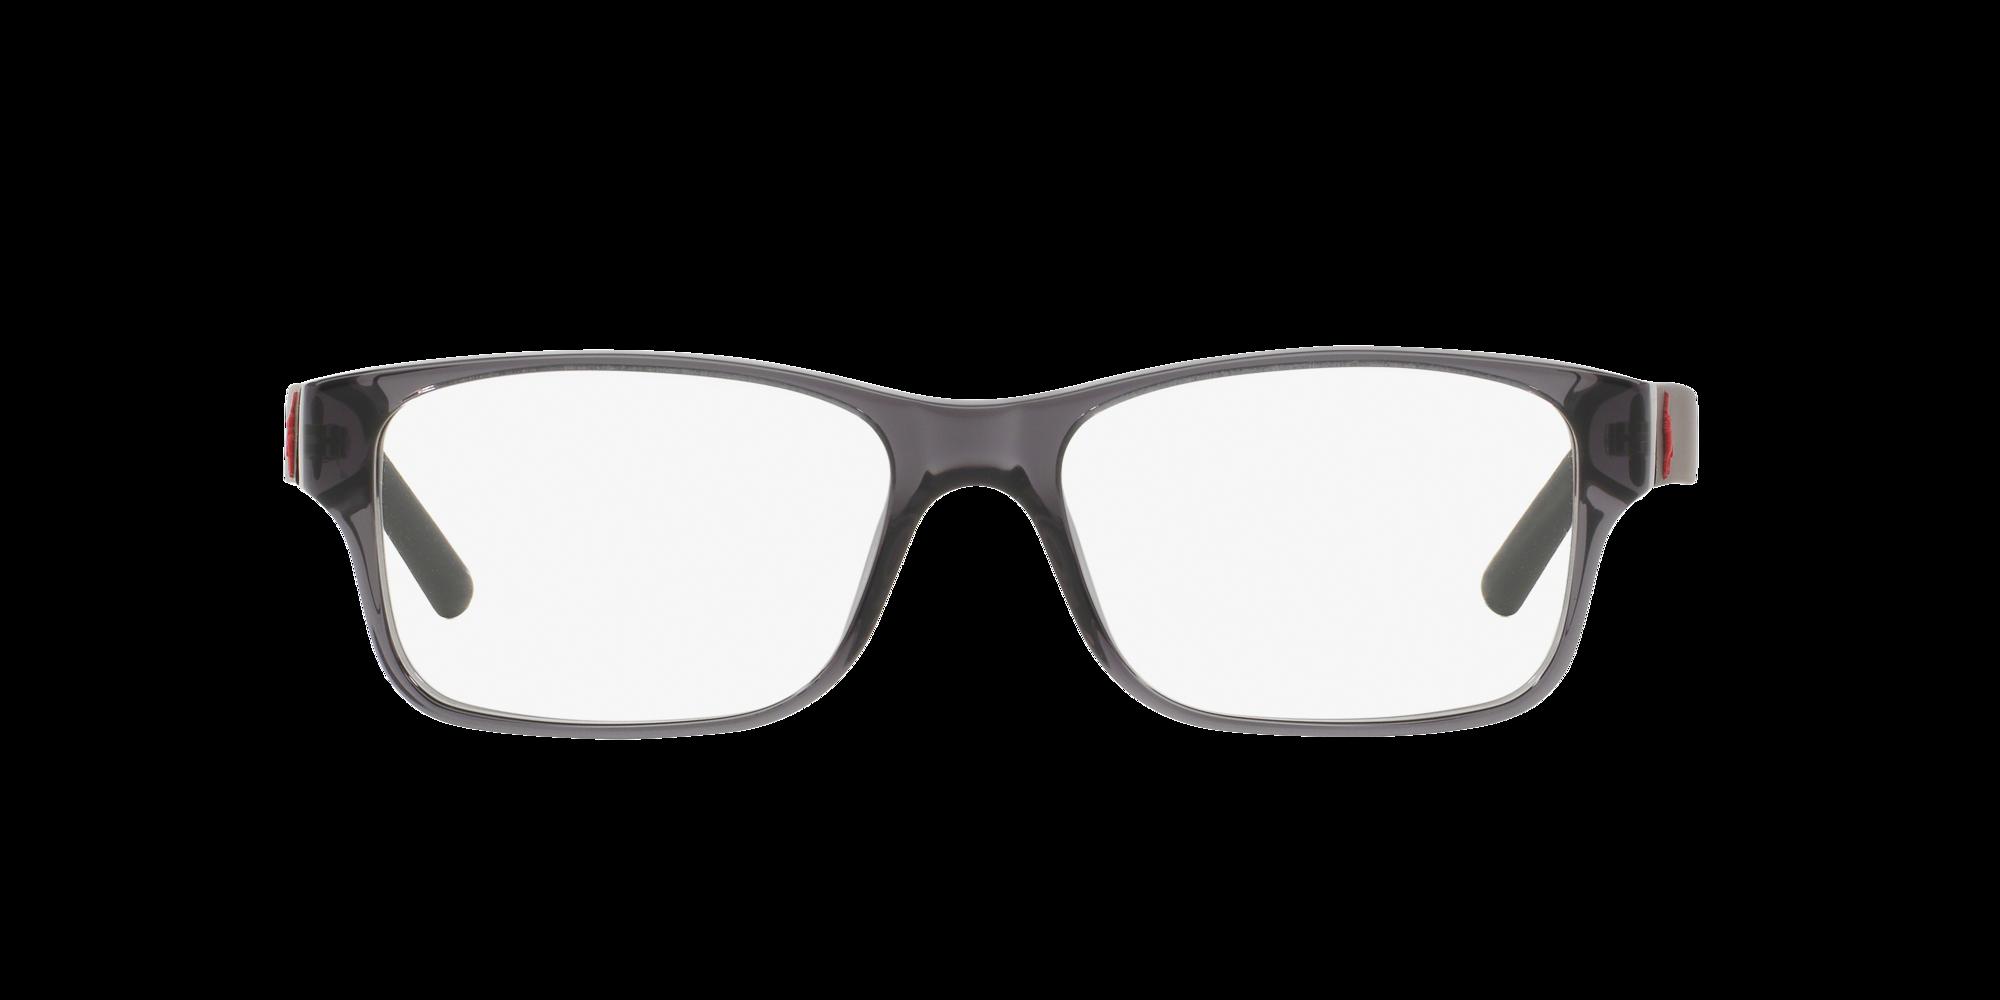 Imagen para PH2117 de LensCrafters    Espejuelos, espejuelos graduados en línea, gafas